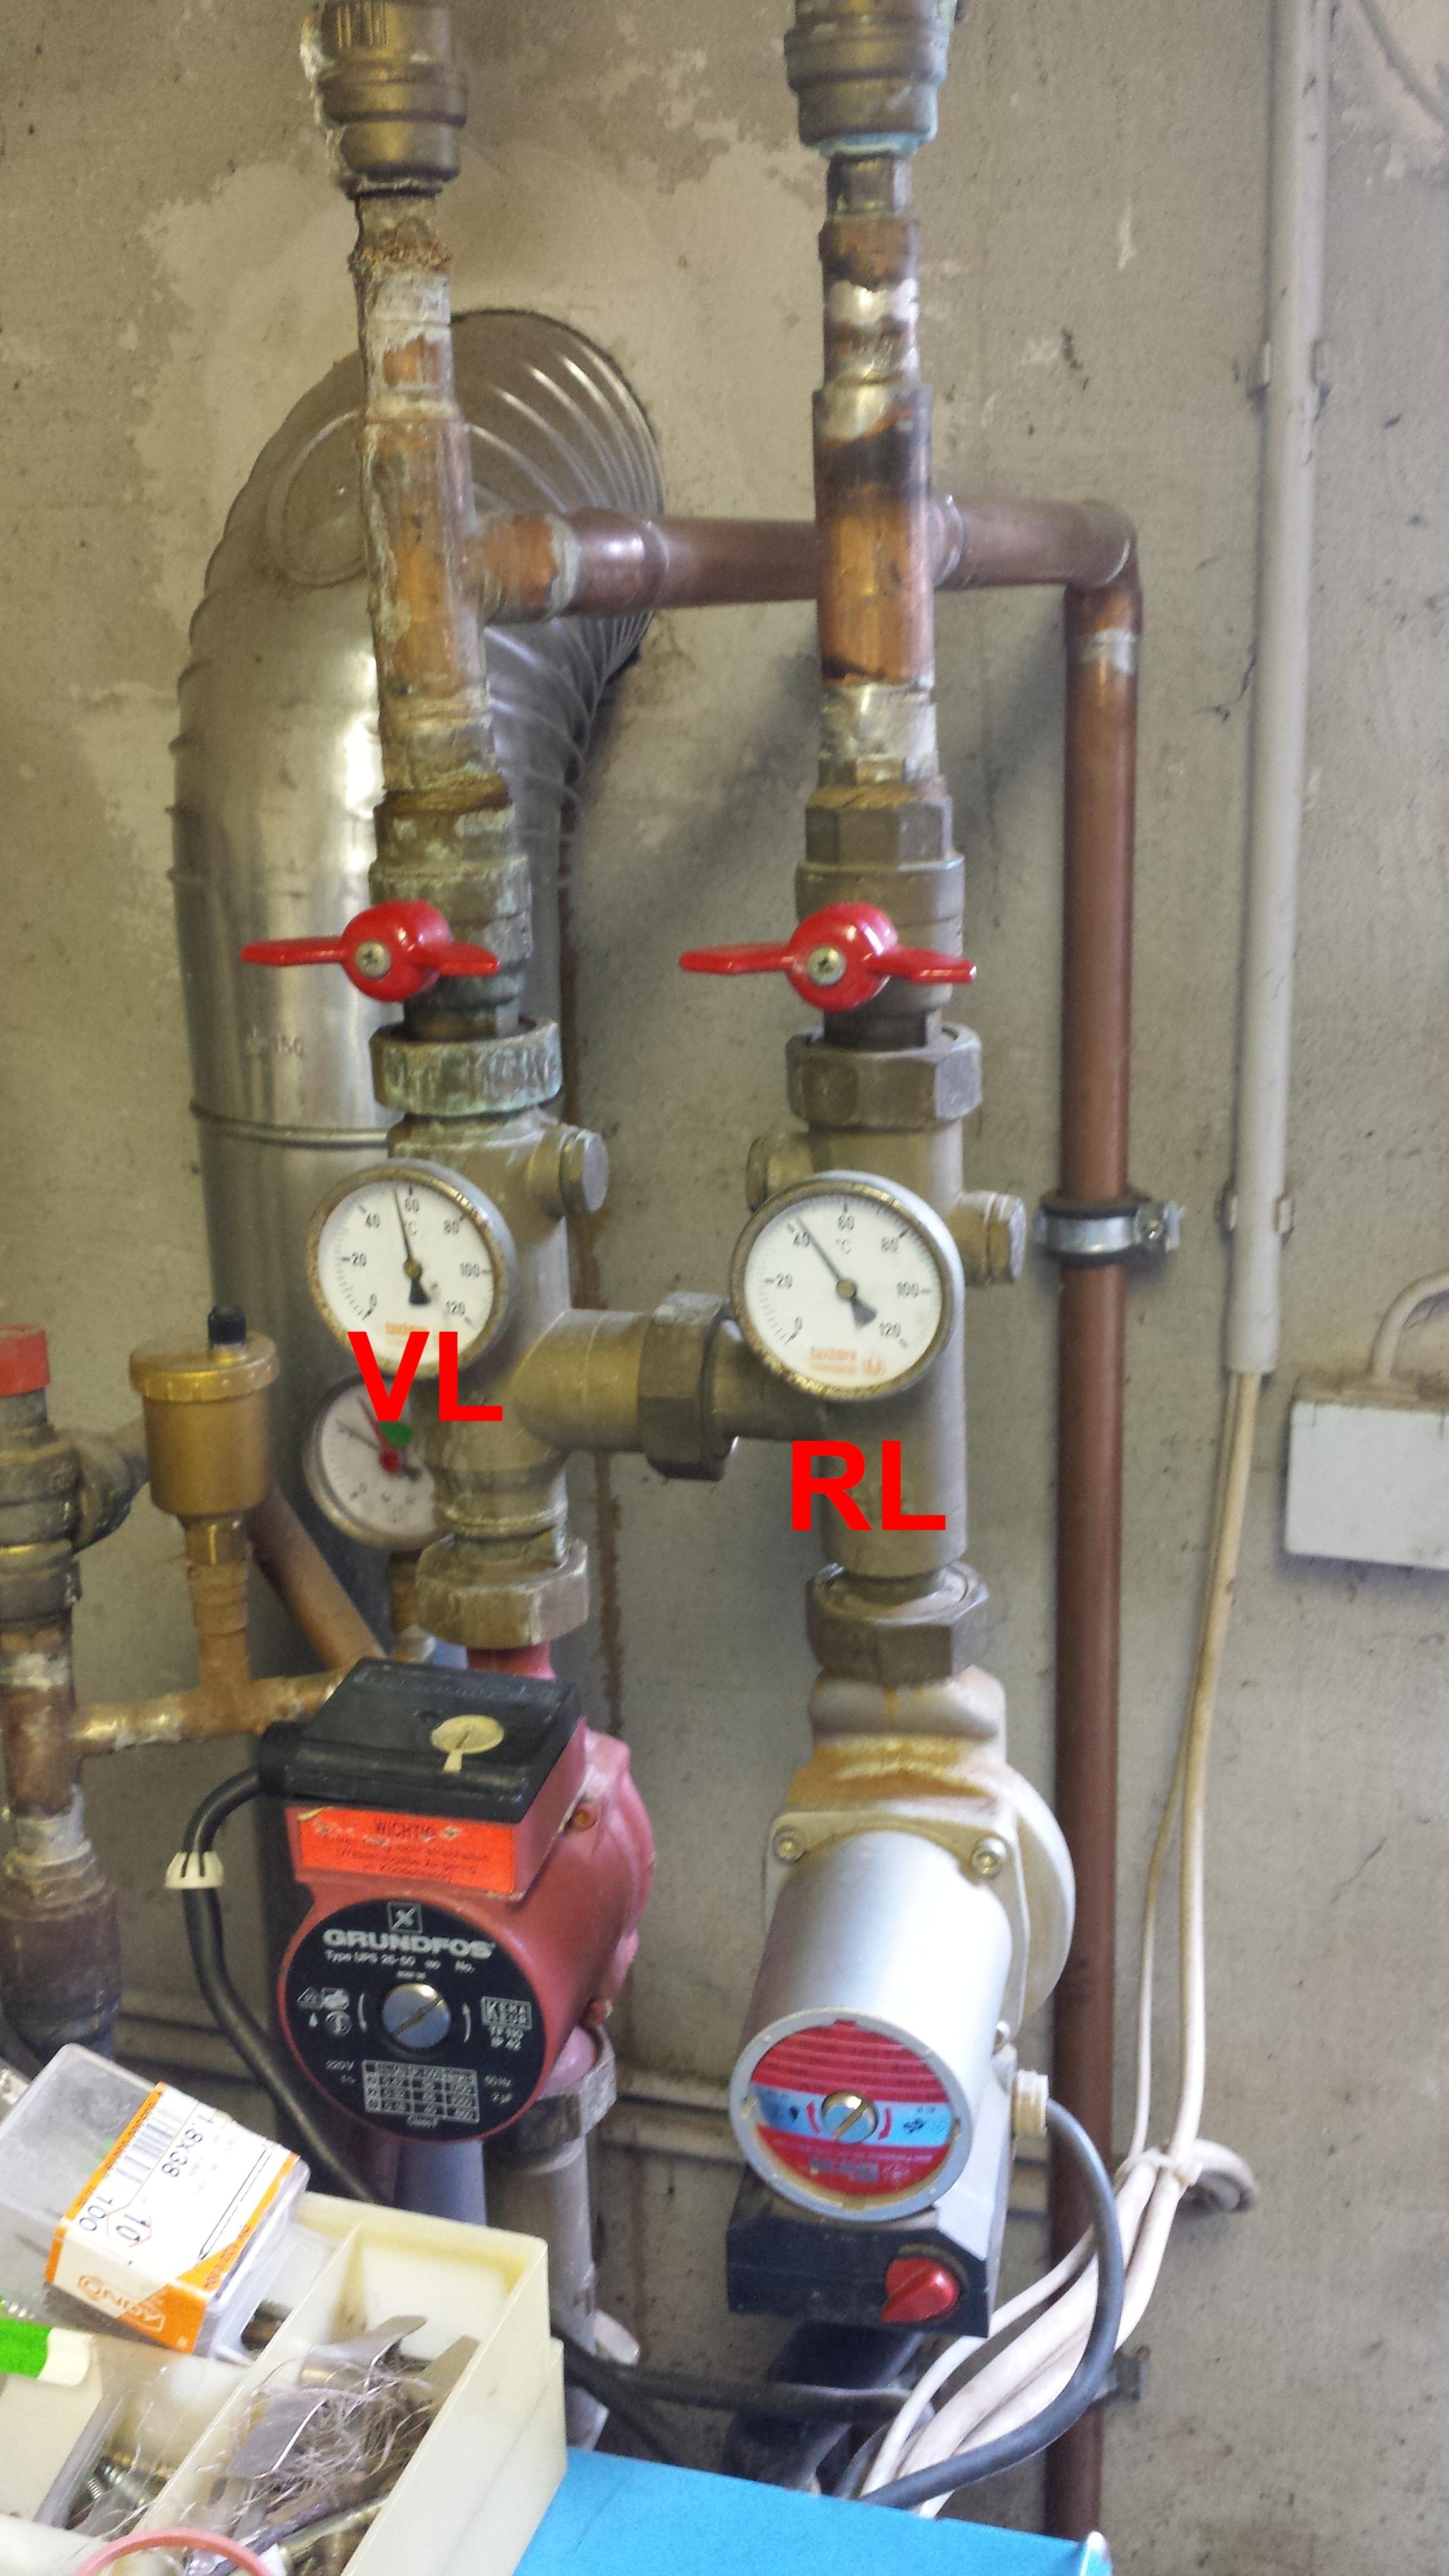 Gasetagenheizung Braucht Plötzlich Sehr Lange | Wer-weiss ...